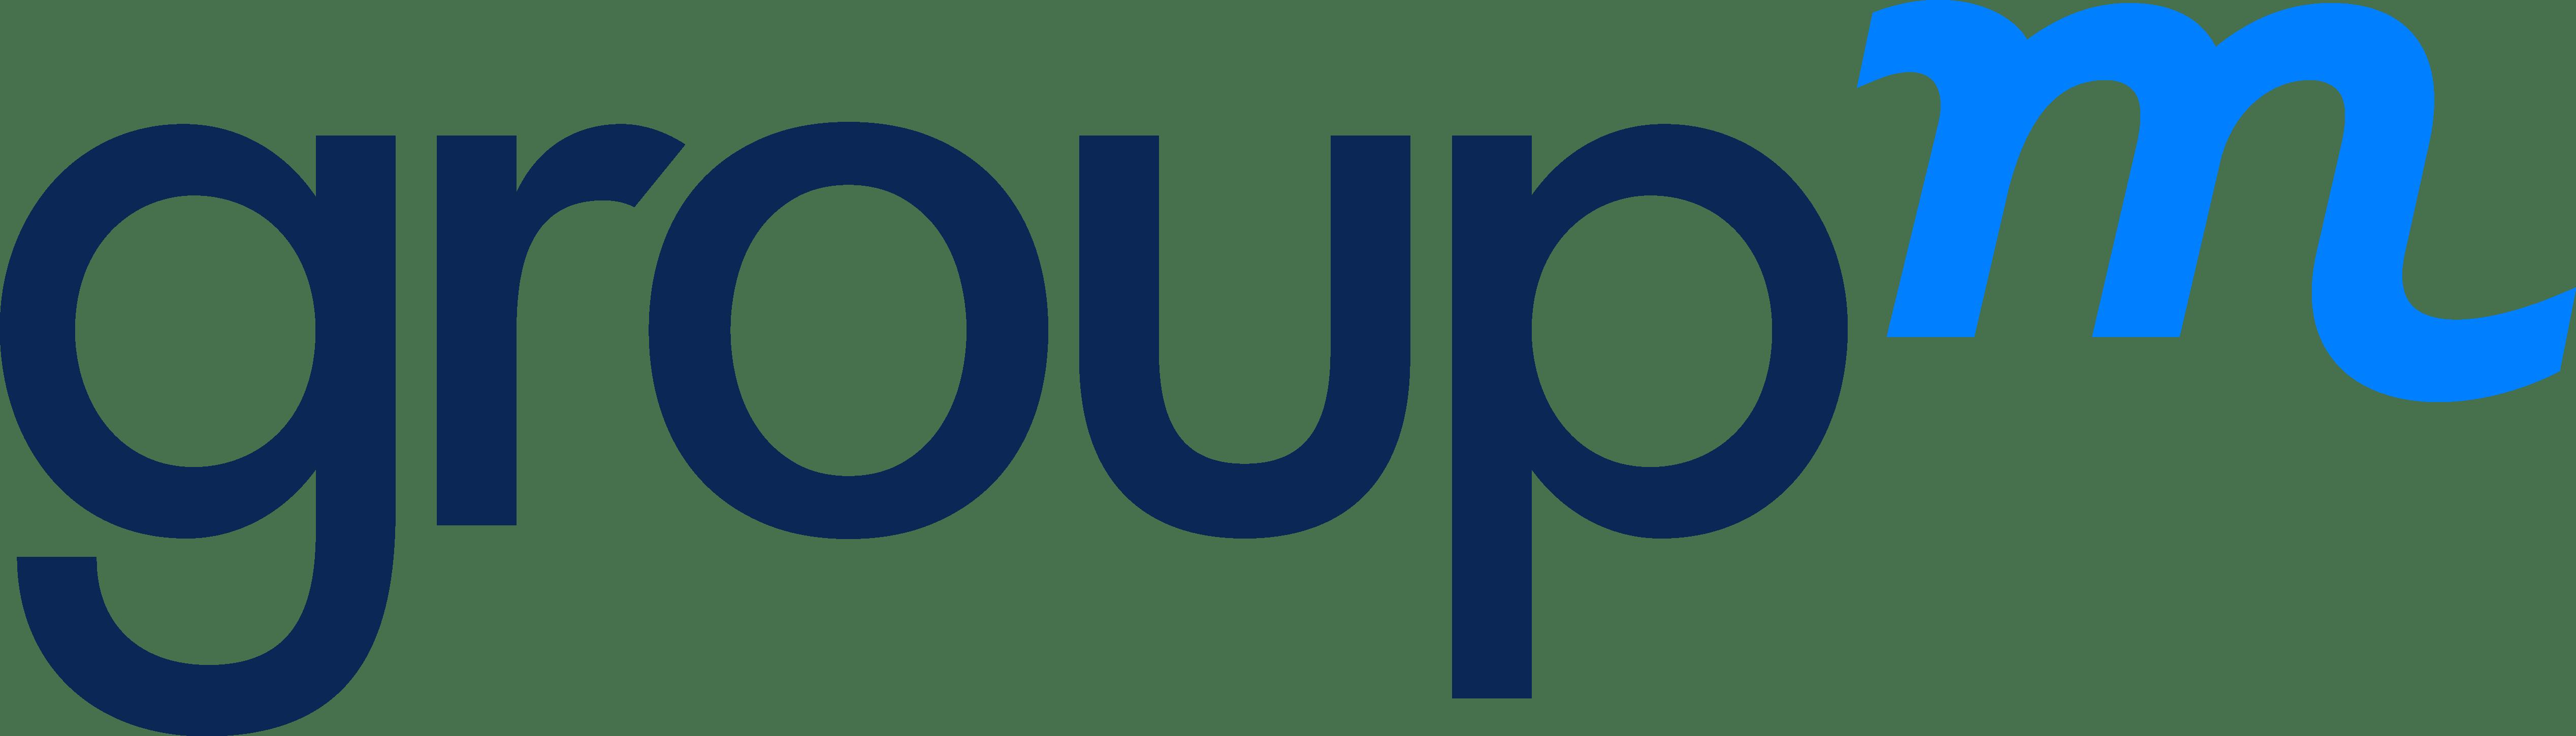 GroupM and Adomik Partnership